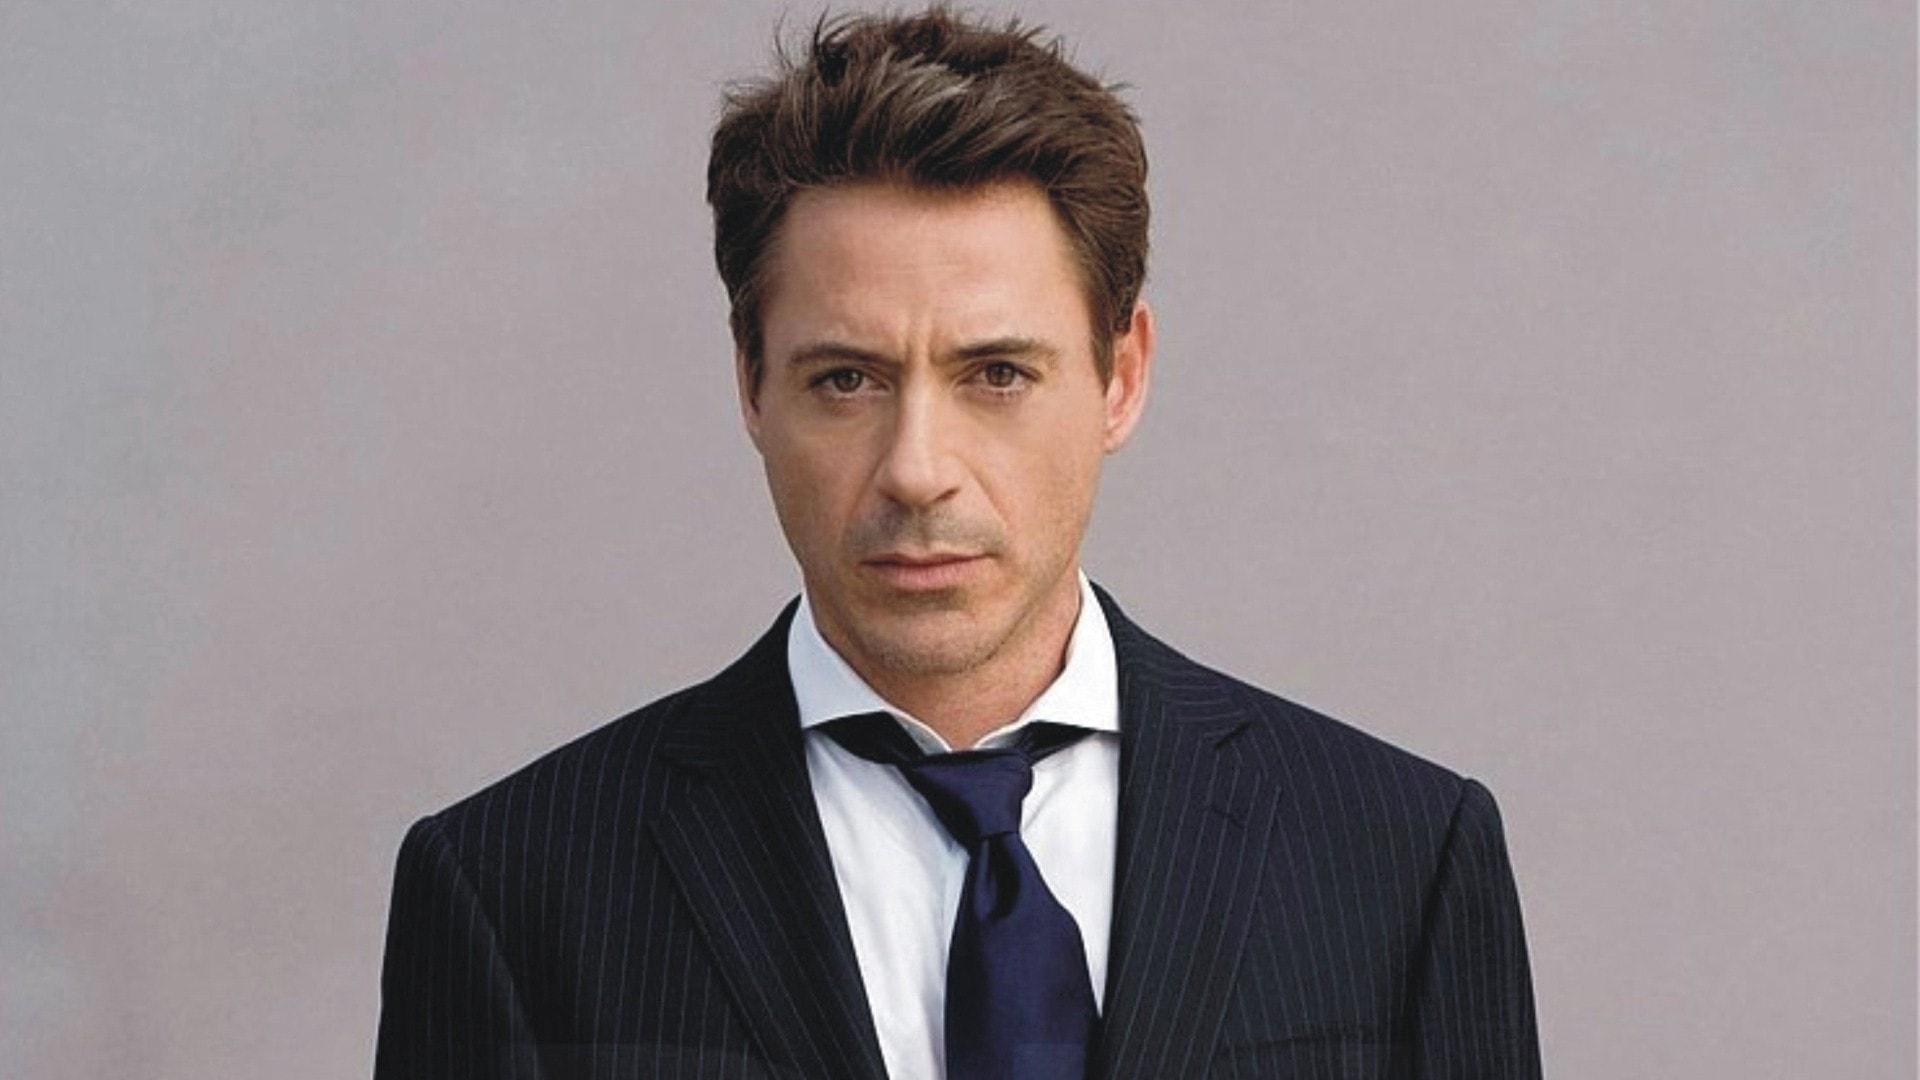 Robert Downey Jr Hd Wallpapers 7wallpapersnet